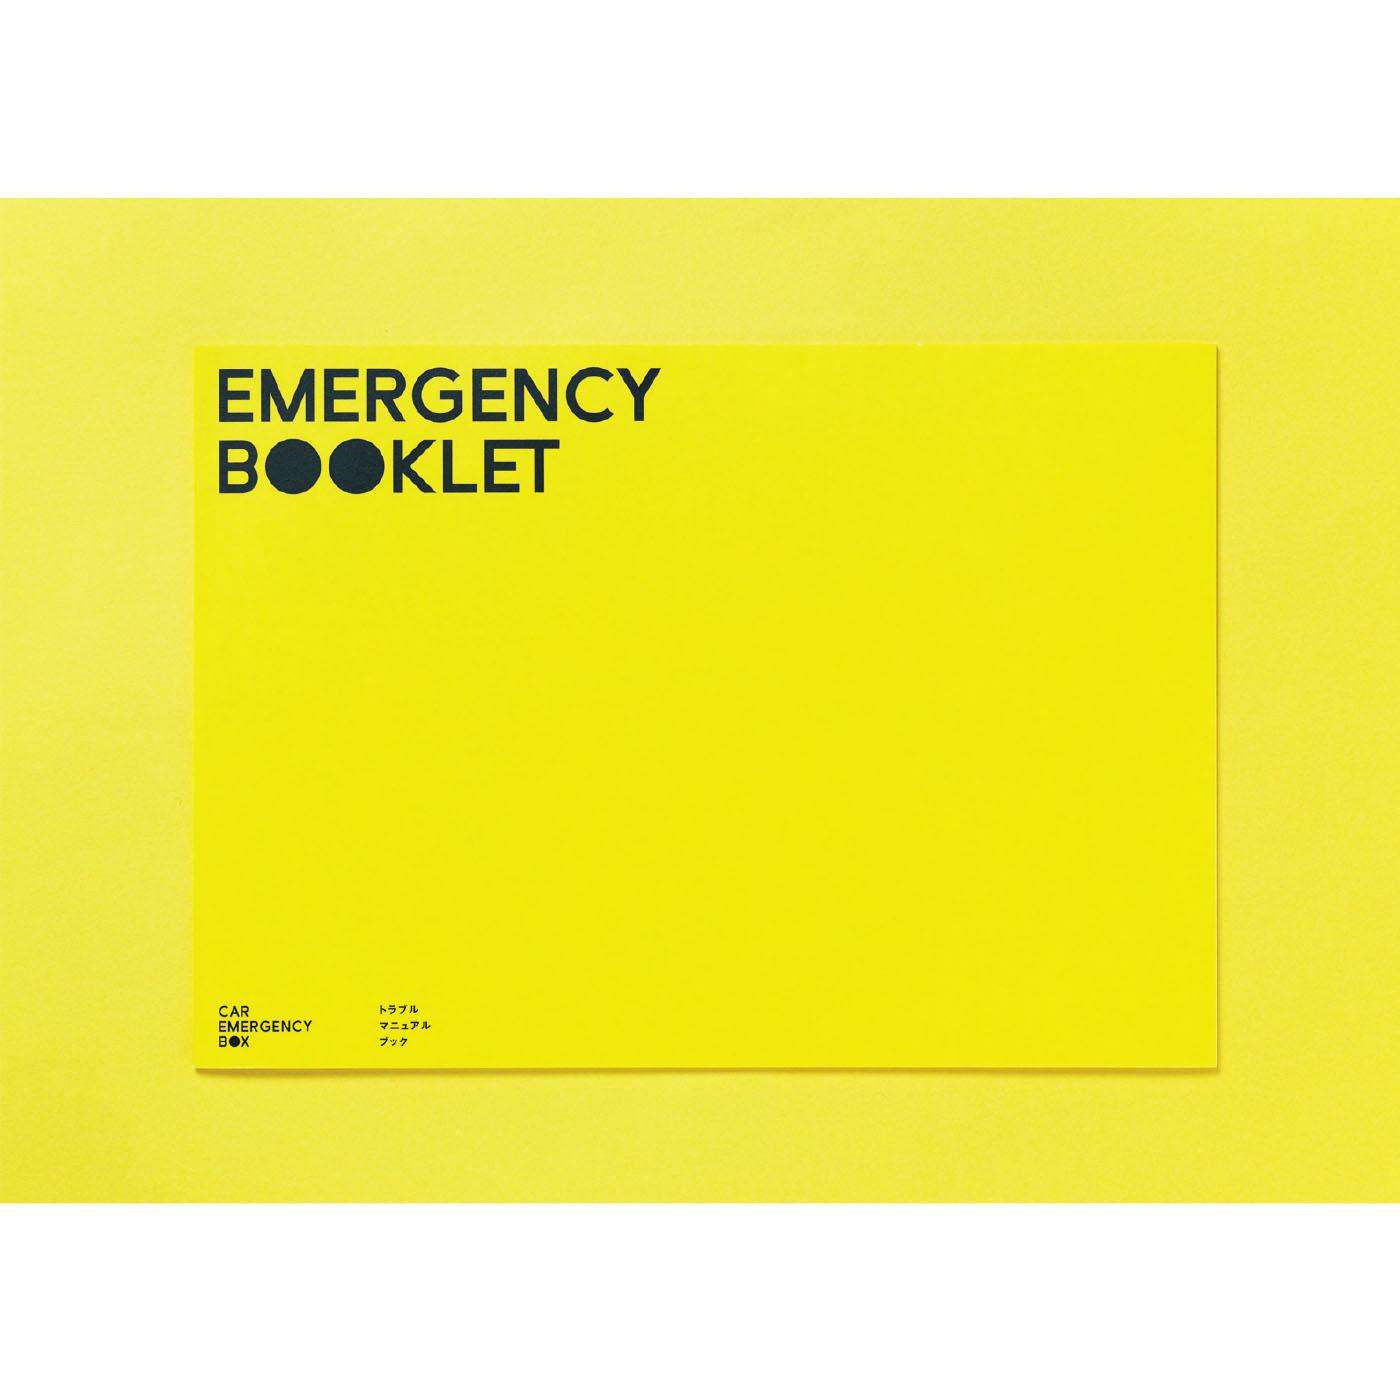 〈車用非常時マニュアルブック〉「心肺蘇生法を行う」「体温を調整する」「バッテリーが上がった場合」「豪雪で身動きが取れなくなった場合」など、ドライブ中に起こりうるさまざまなトラブルを想定し、対処法を記載したマニュアルブック。突然の災害や事故の際の、落ち着いた対応をサポートしてくれます。